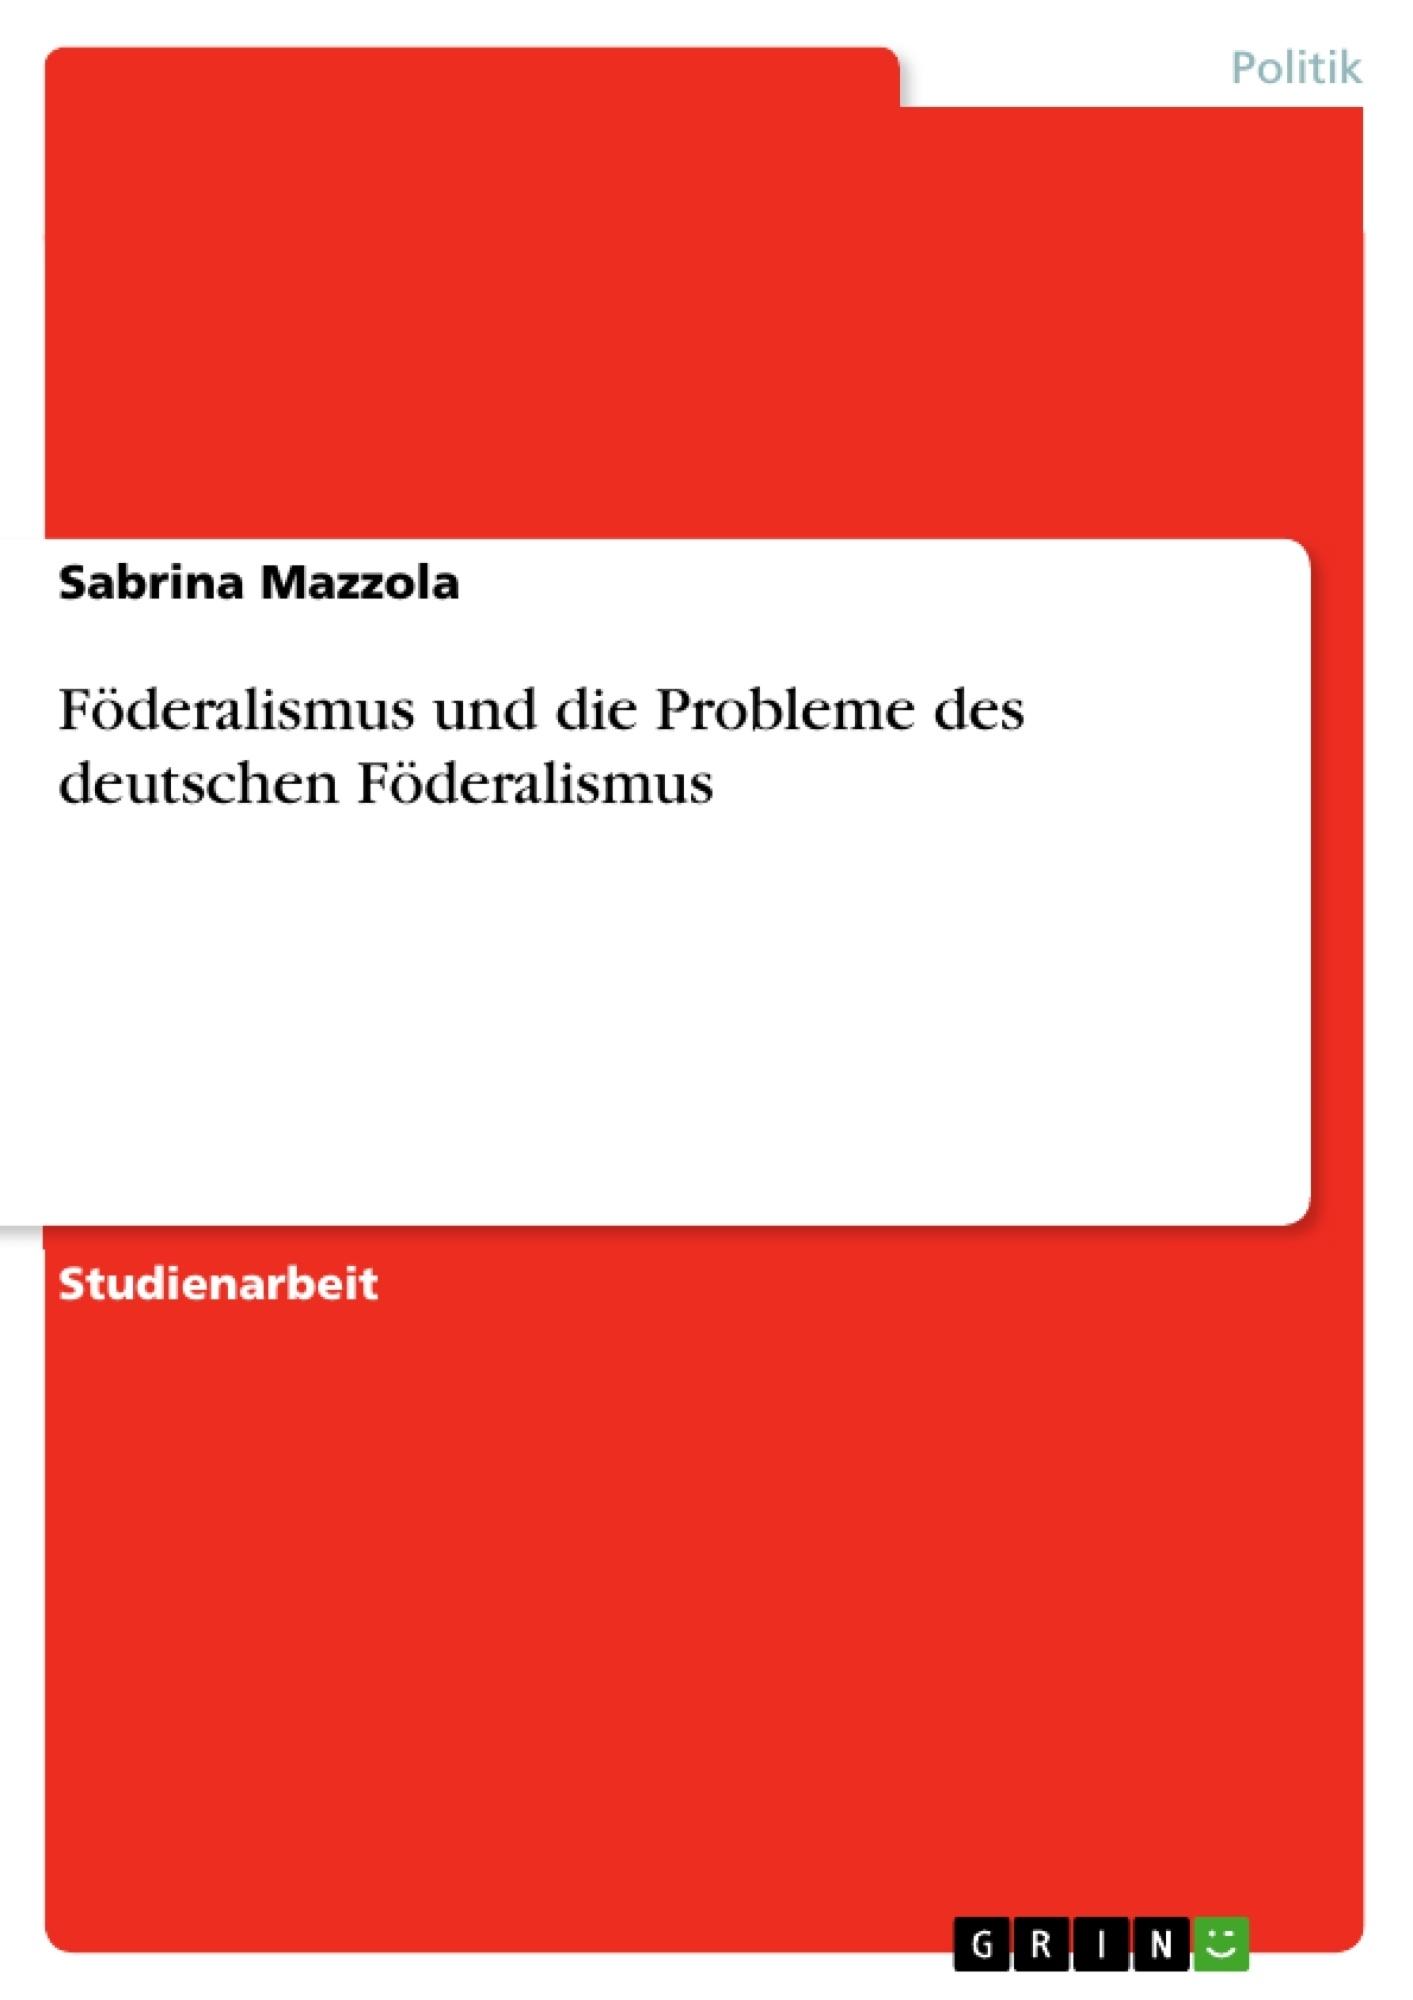 Titel: Föderalismus und die Probleme des deutschen Föderalismus